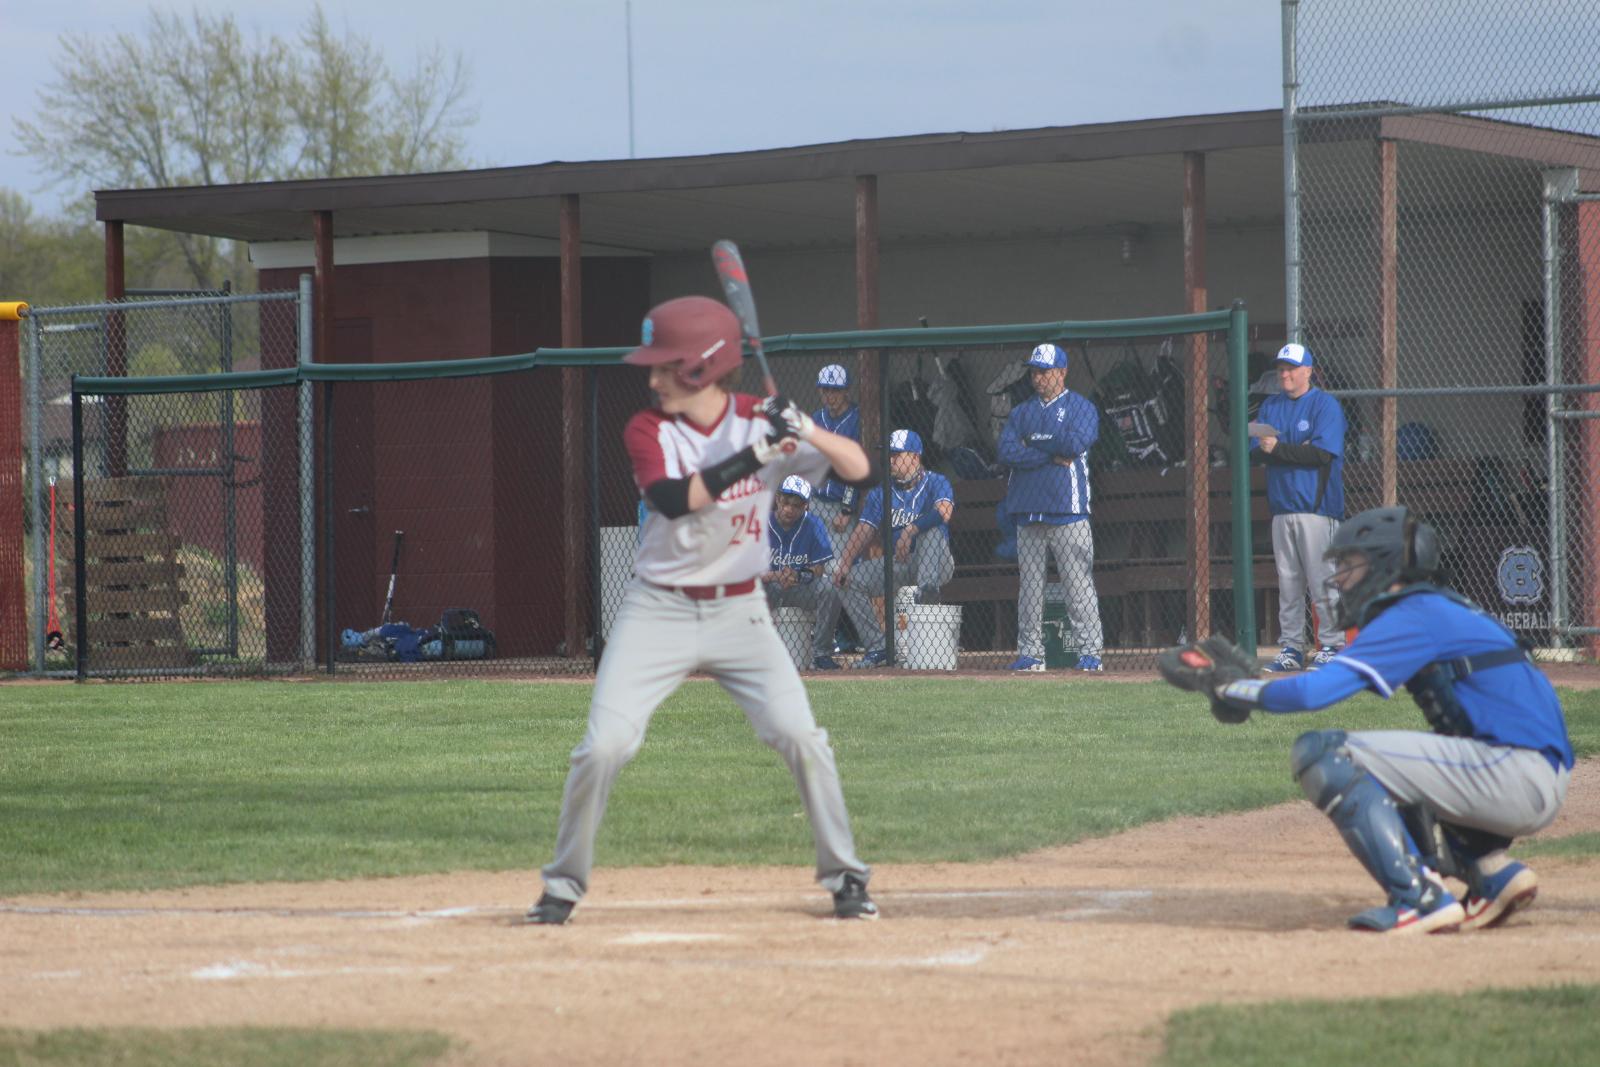 JV Baseball vs. Boone Grove – 4-23-21